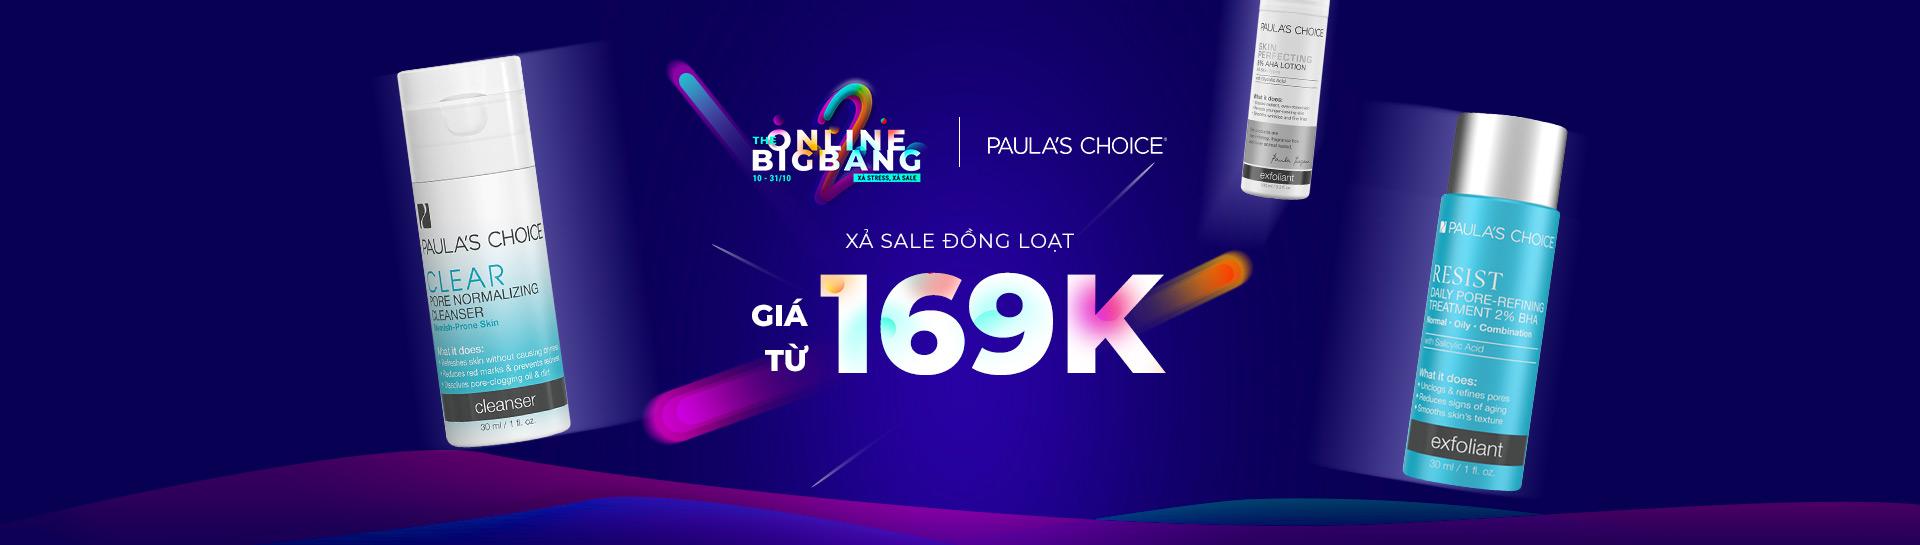 Paula 's Choice - Chỉ từ 169K